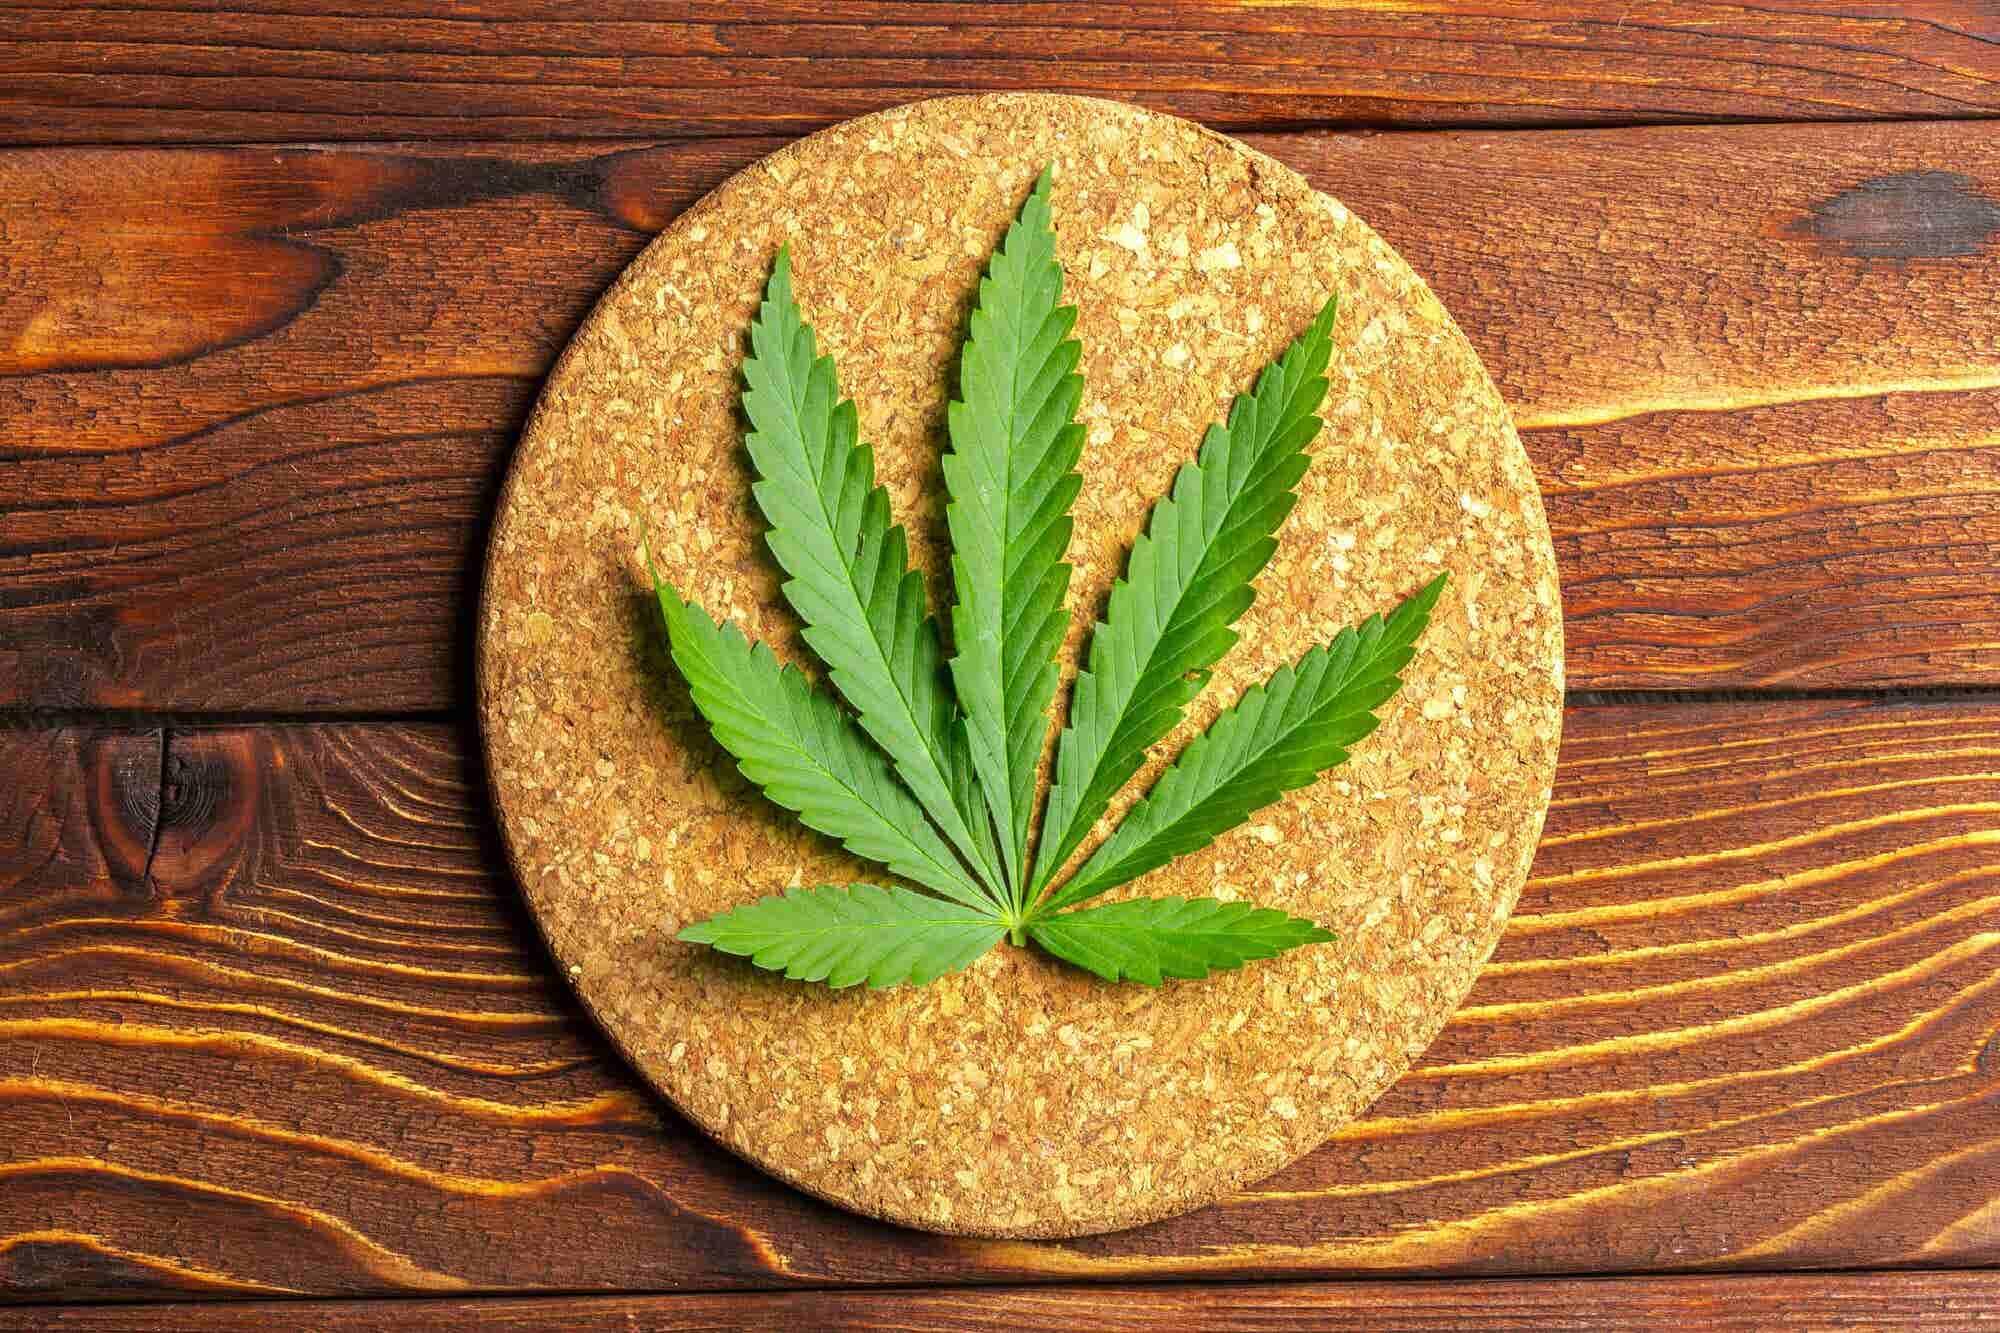 M茅xico podr铆a convertirse en el mayor productor de cannabidiol gracias a la creaci贸n de la C谩mara de la Industria del Cannabis